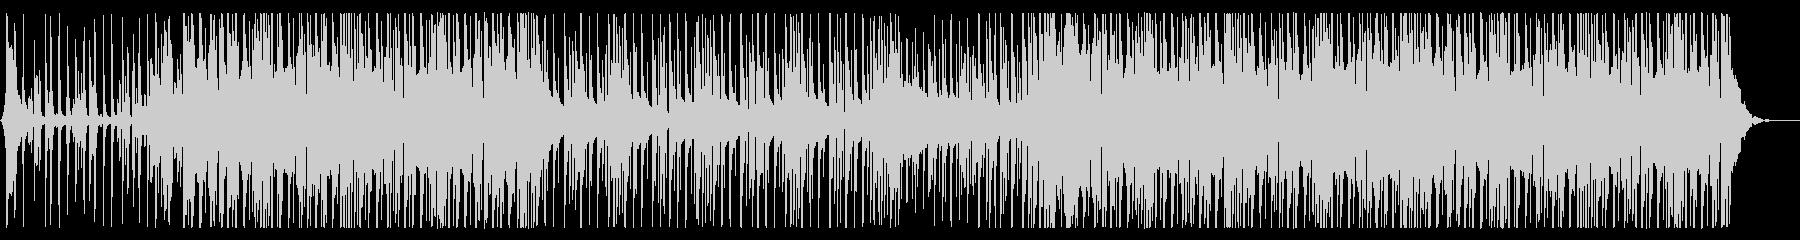 洋楽POPSなBGM、チルビートの未再生の波形